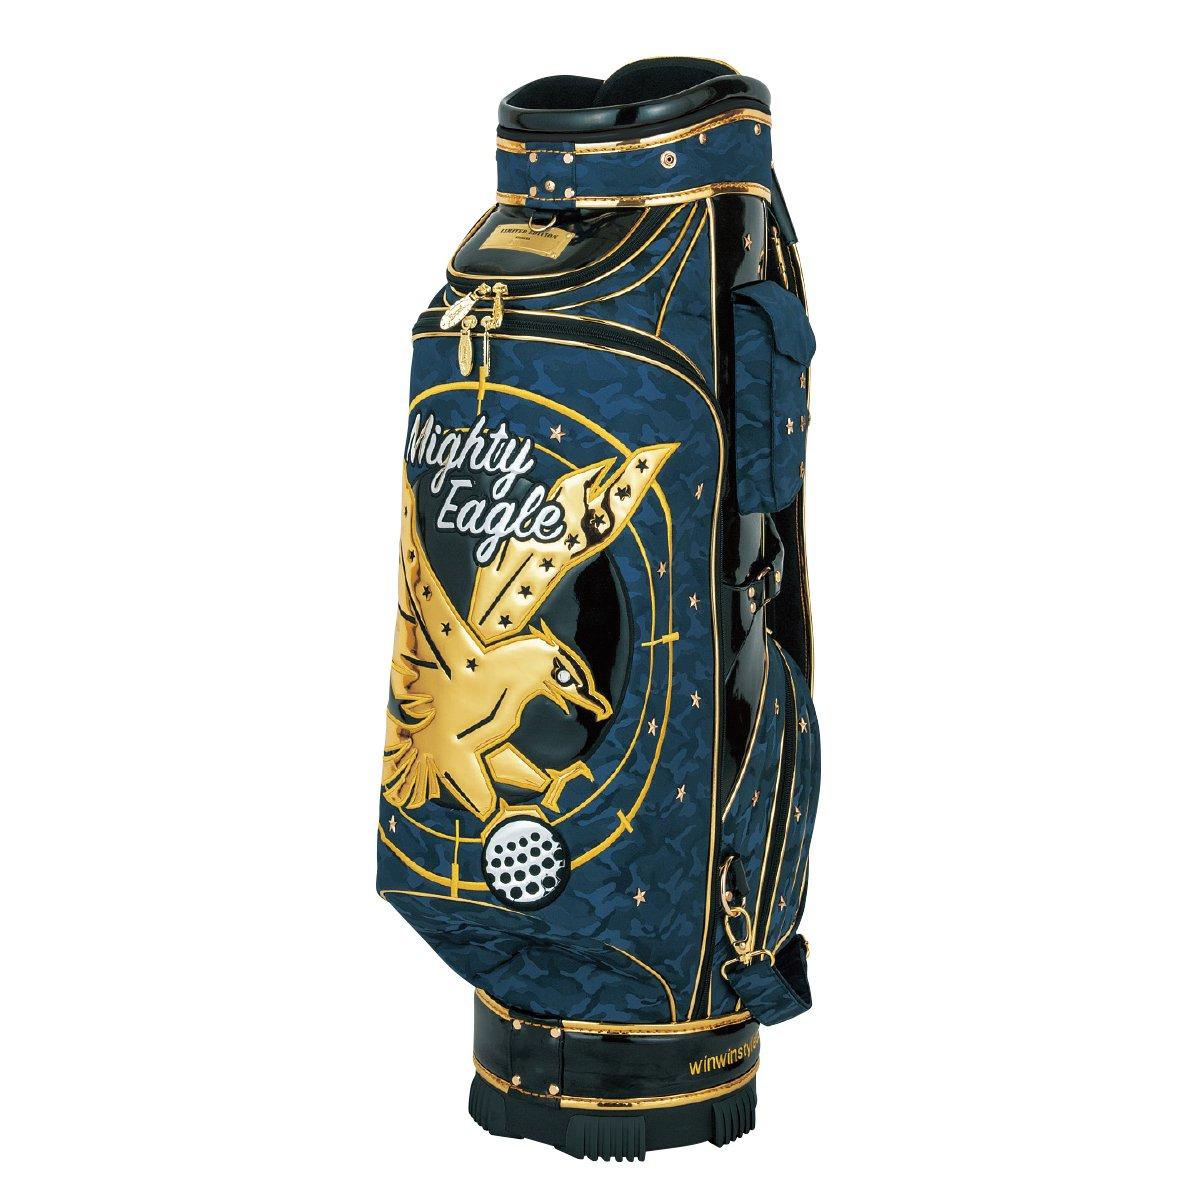 WINWIN STYLE(ウィンウィンスタイル) キャディーバッグ PREMIUM MIGHTY EAGLE CART Bag Gold Ver. 9.0型 47インチ対応 限定モデル ユニセックス CB-346 ブルー デザイン:エナメルアップリケ刺繍   B07B4L7X39